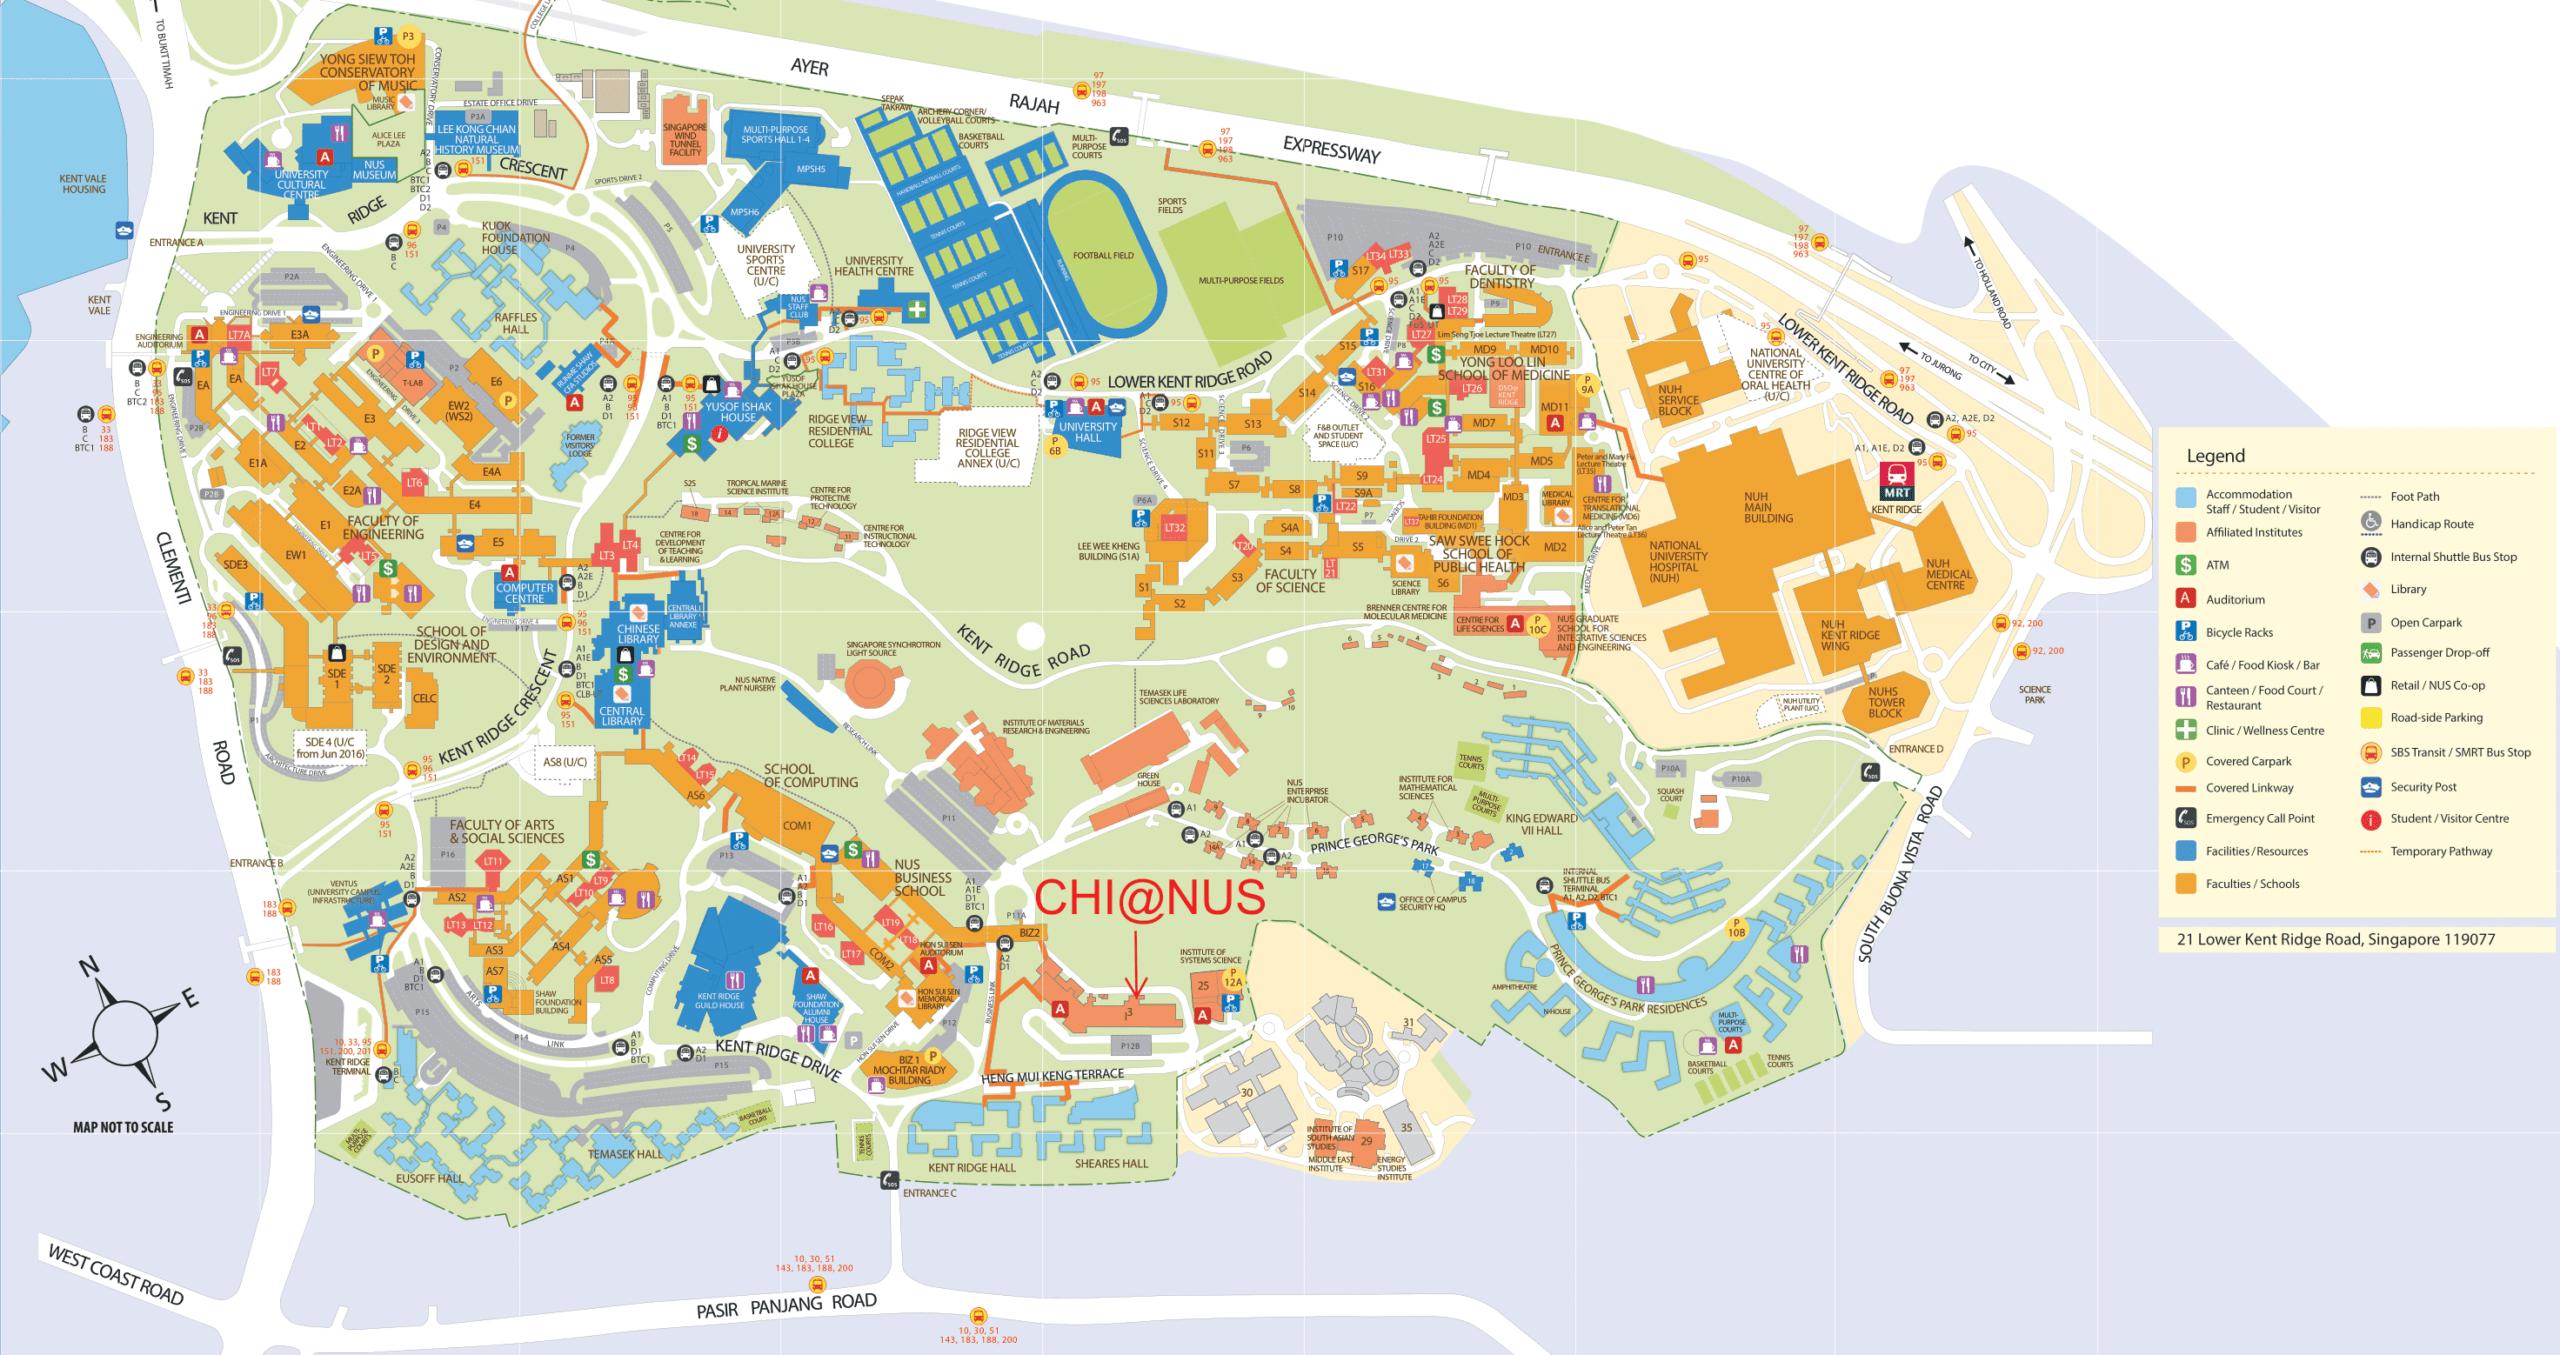 NUS Map